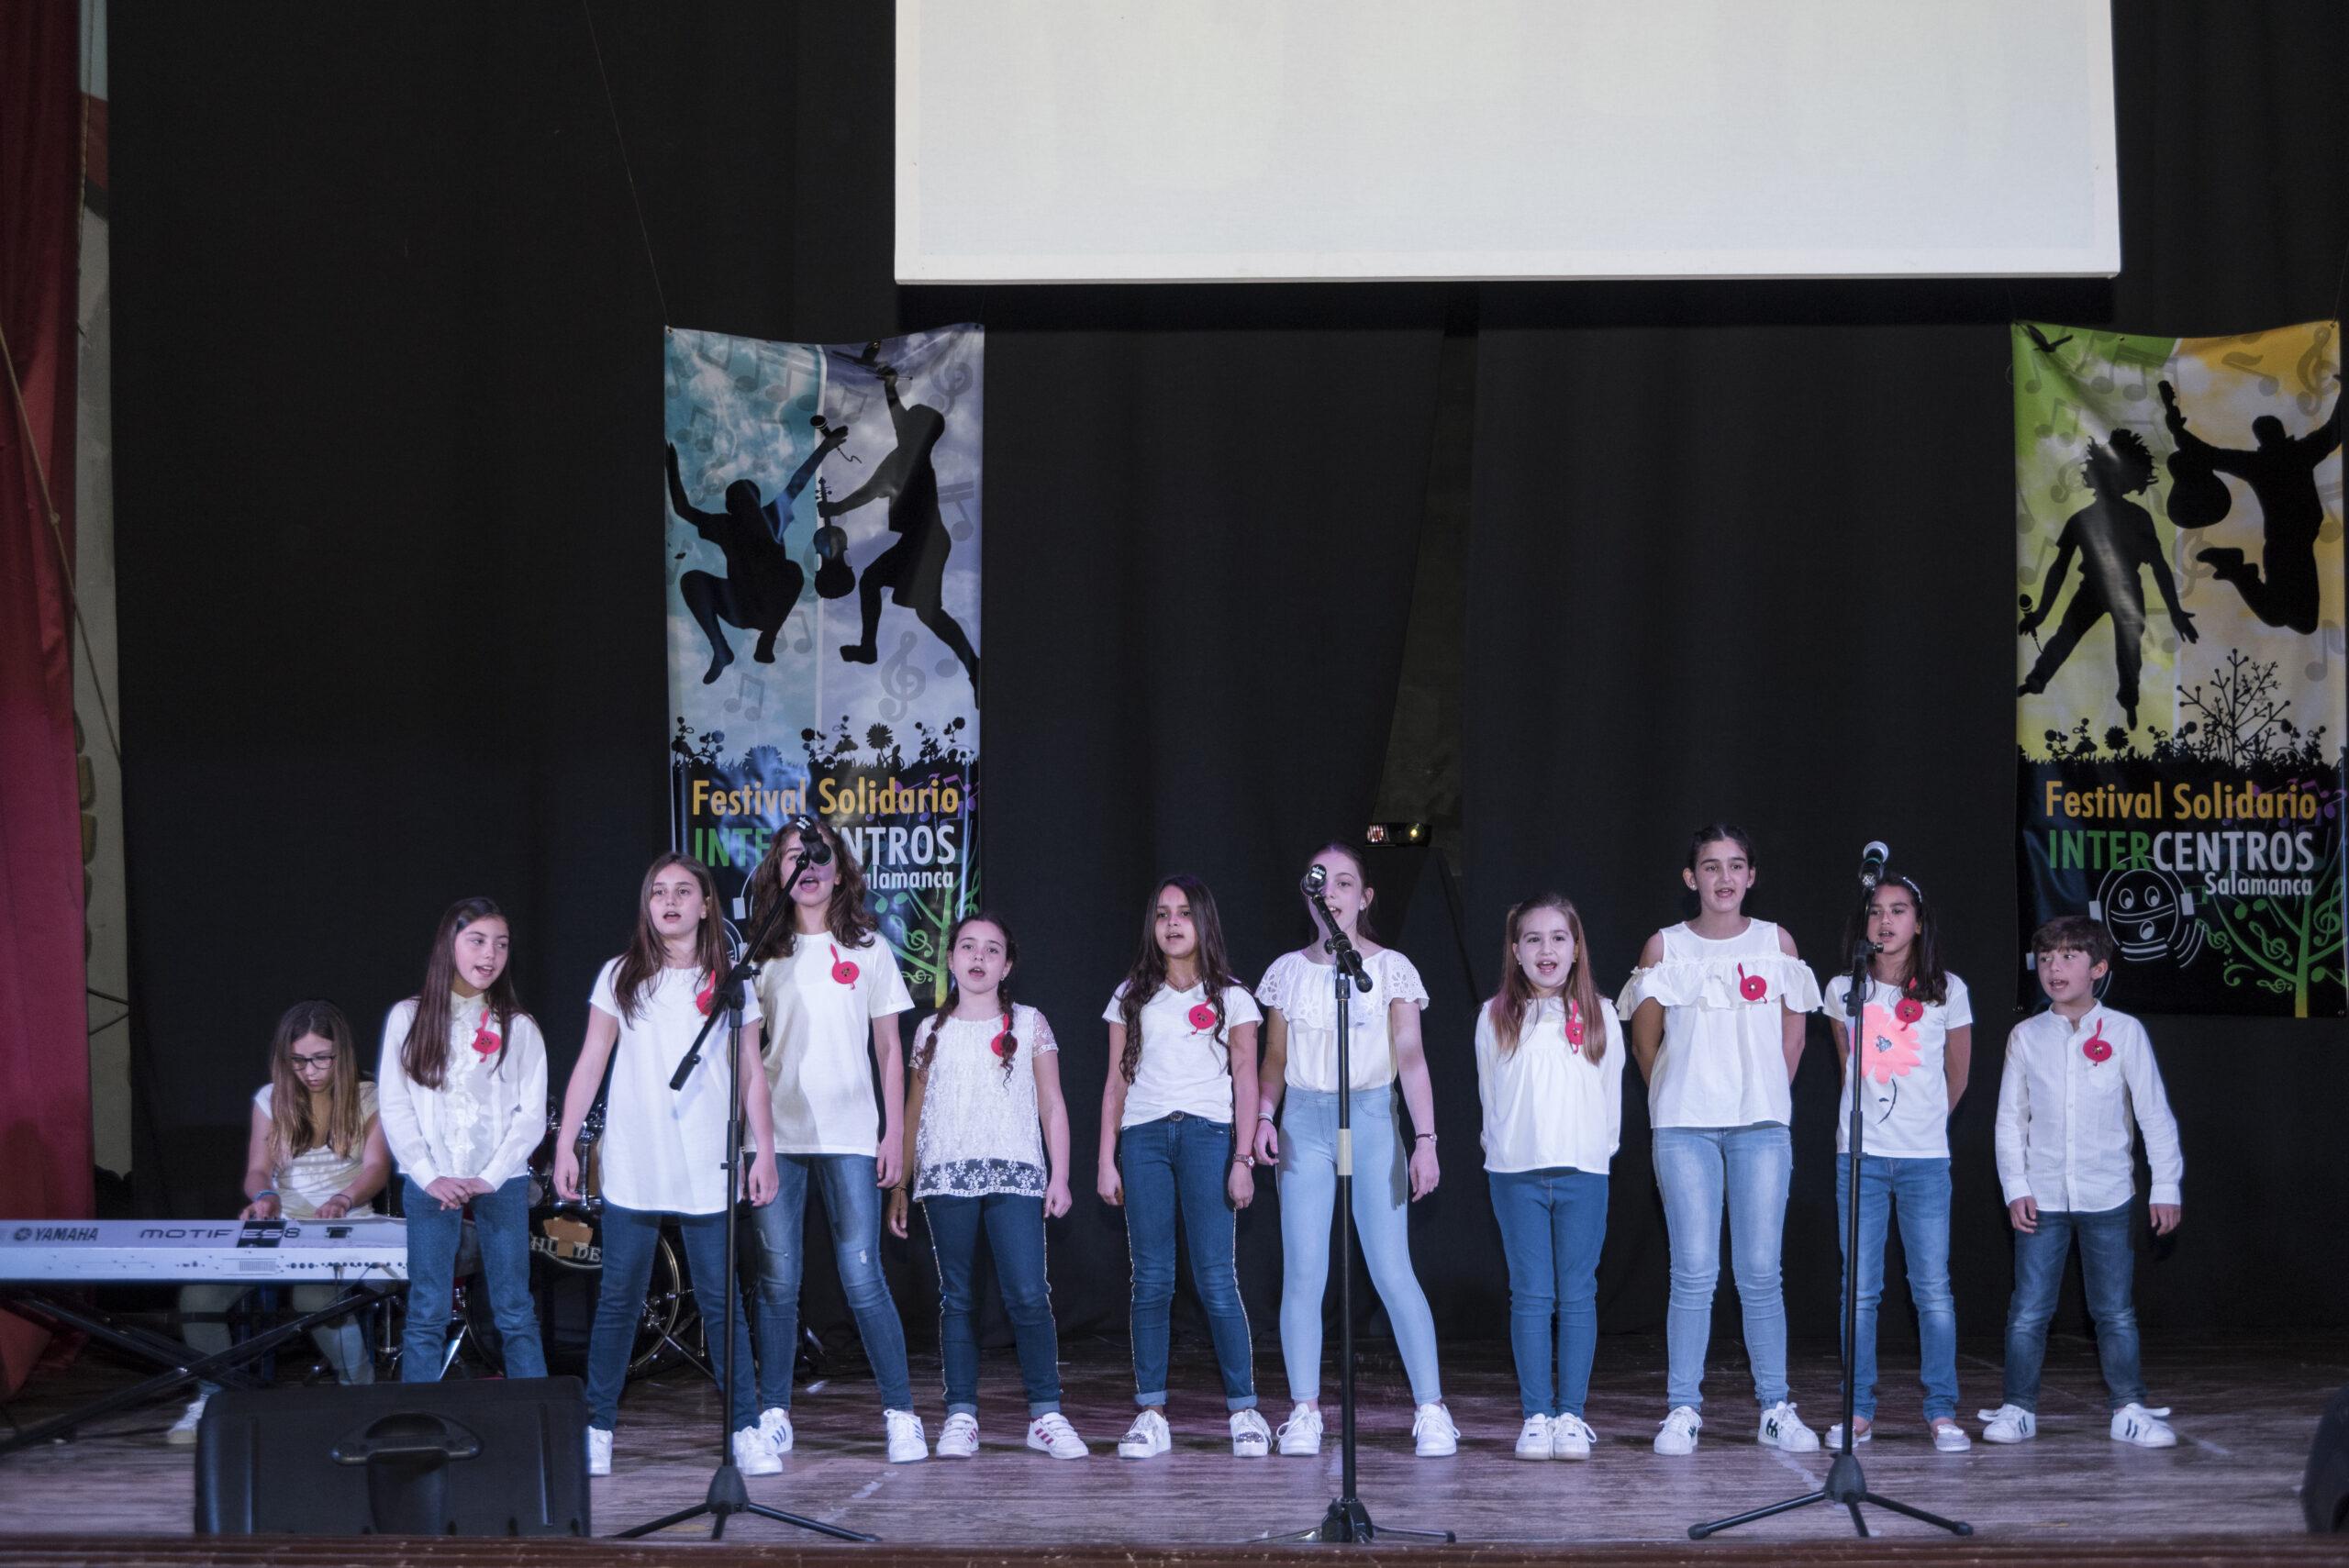 Festival solidario intercentros